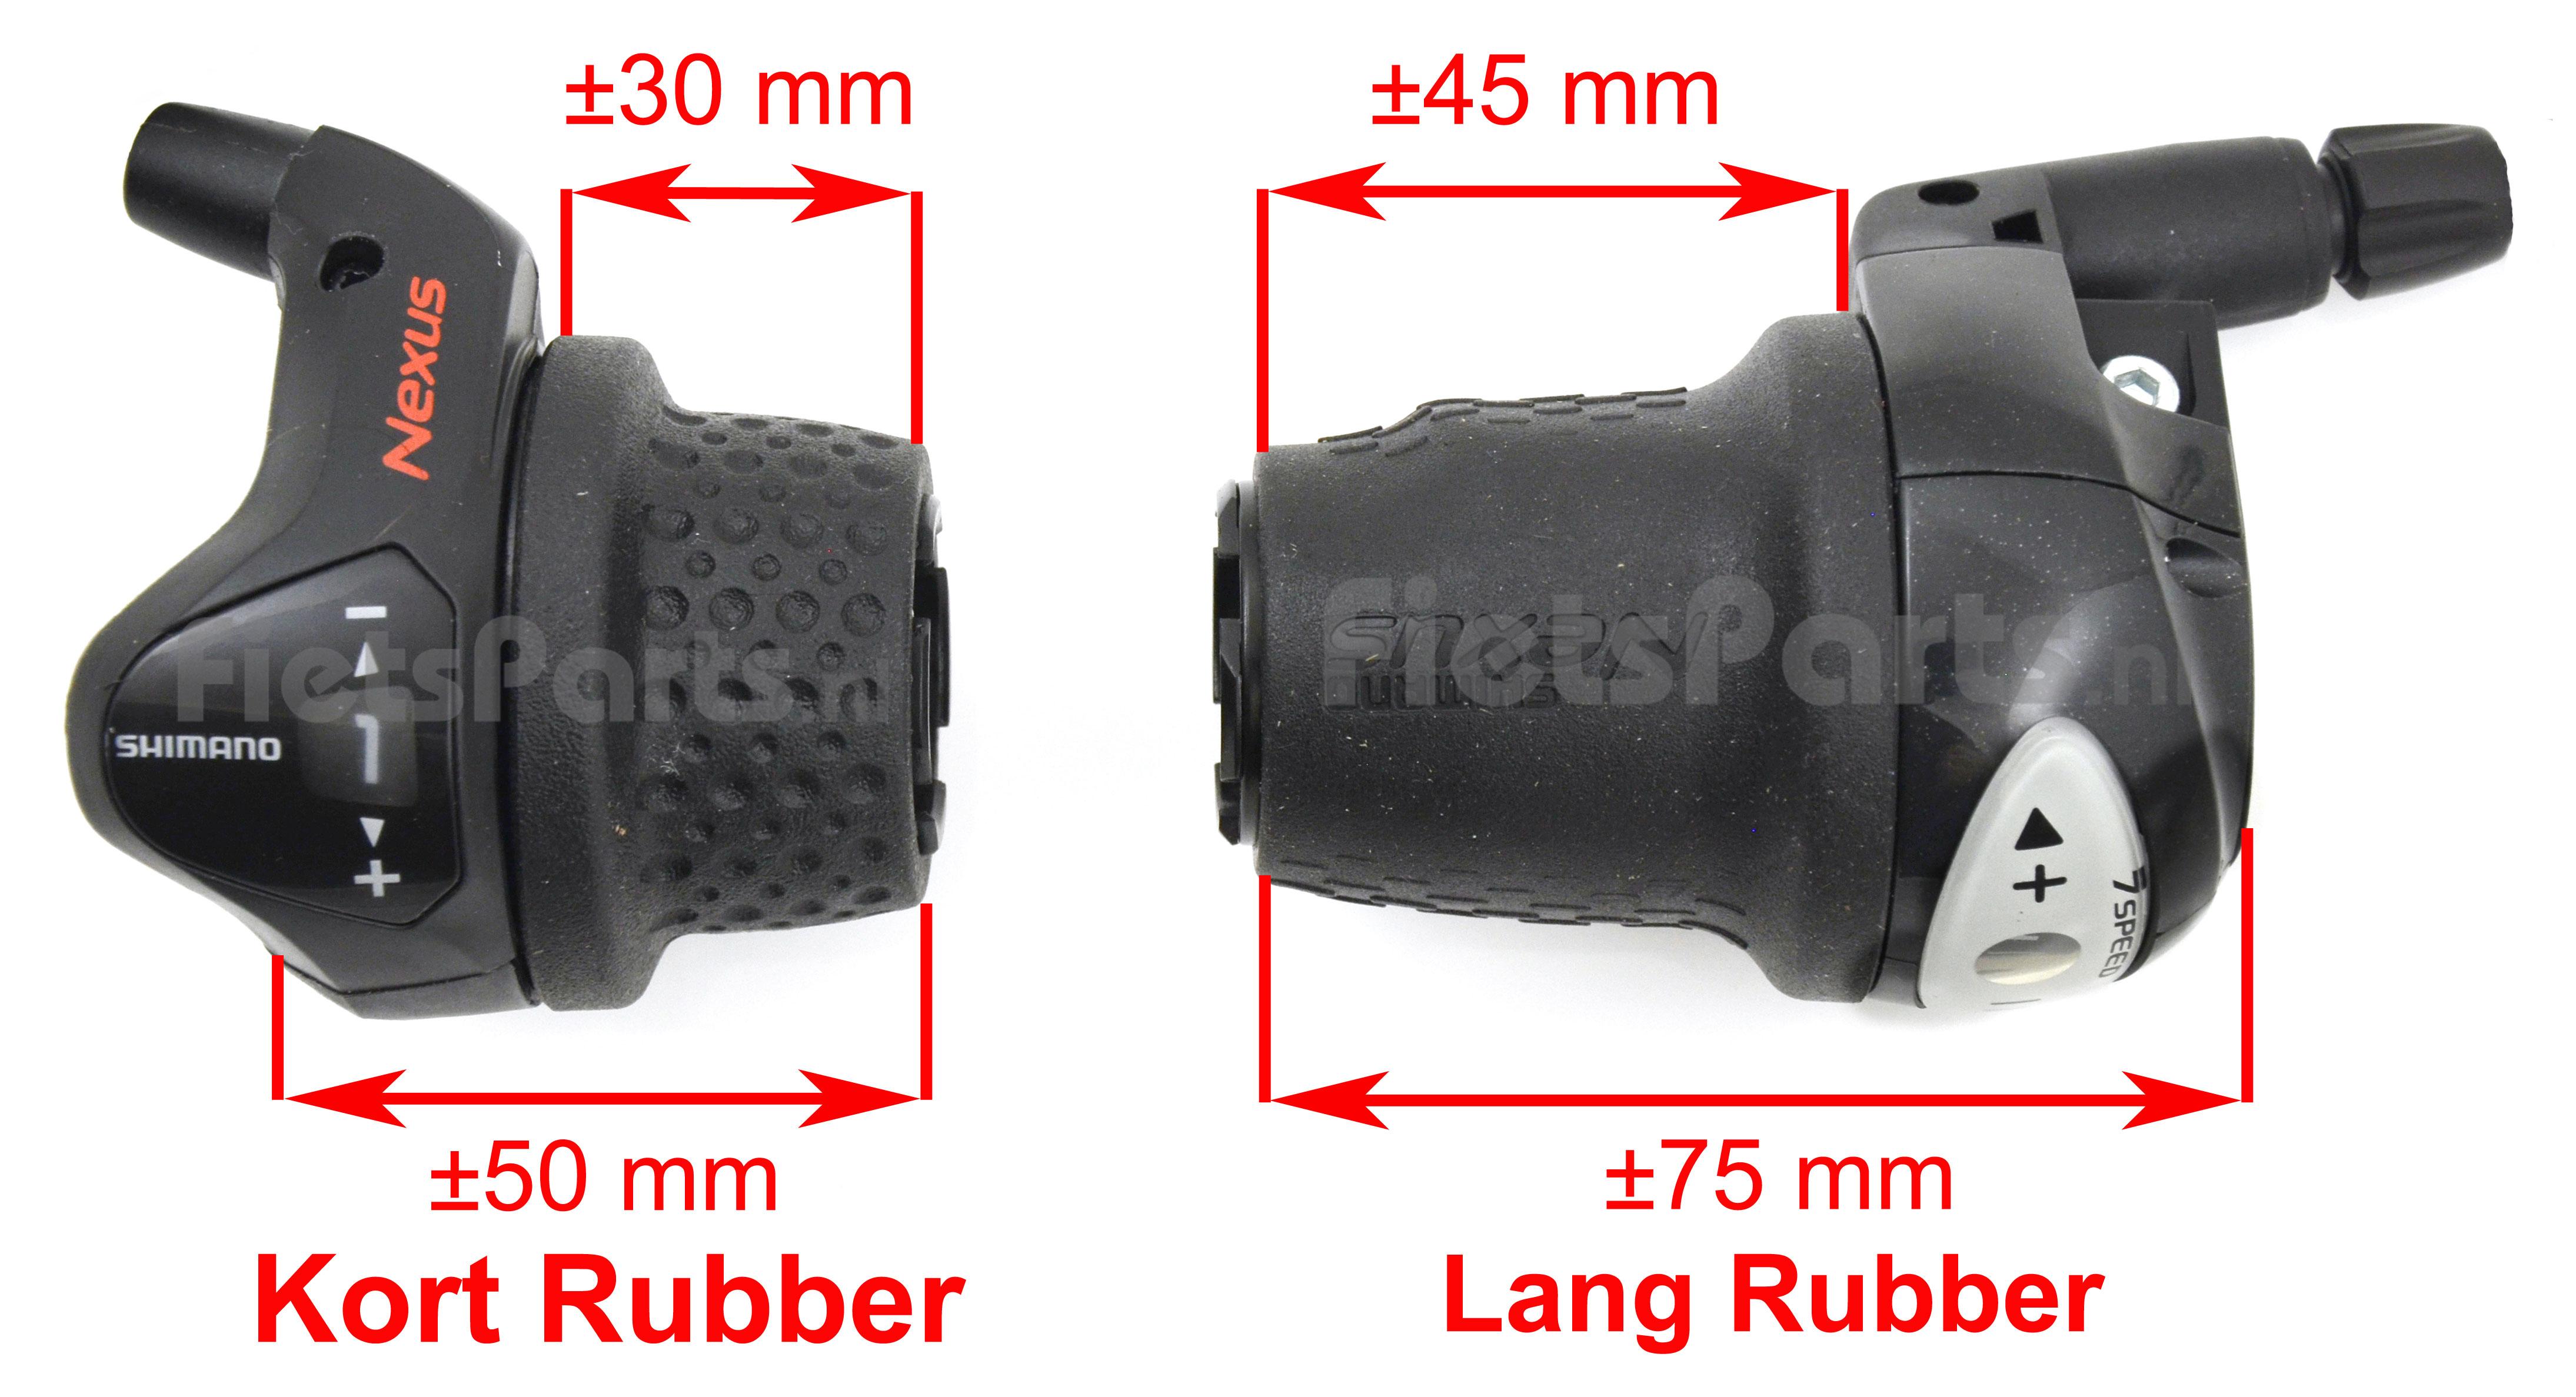 Verschillen tussen de grip-shift versteller met lang en kort rubber